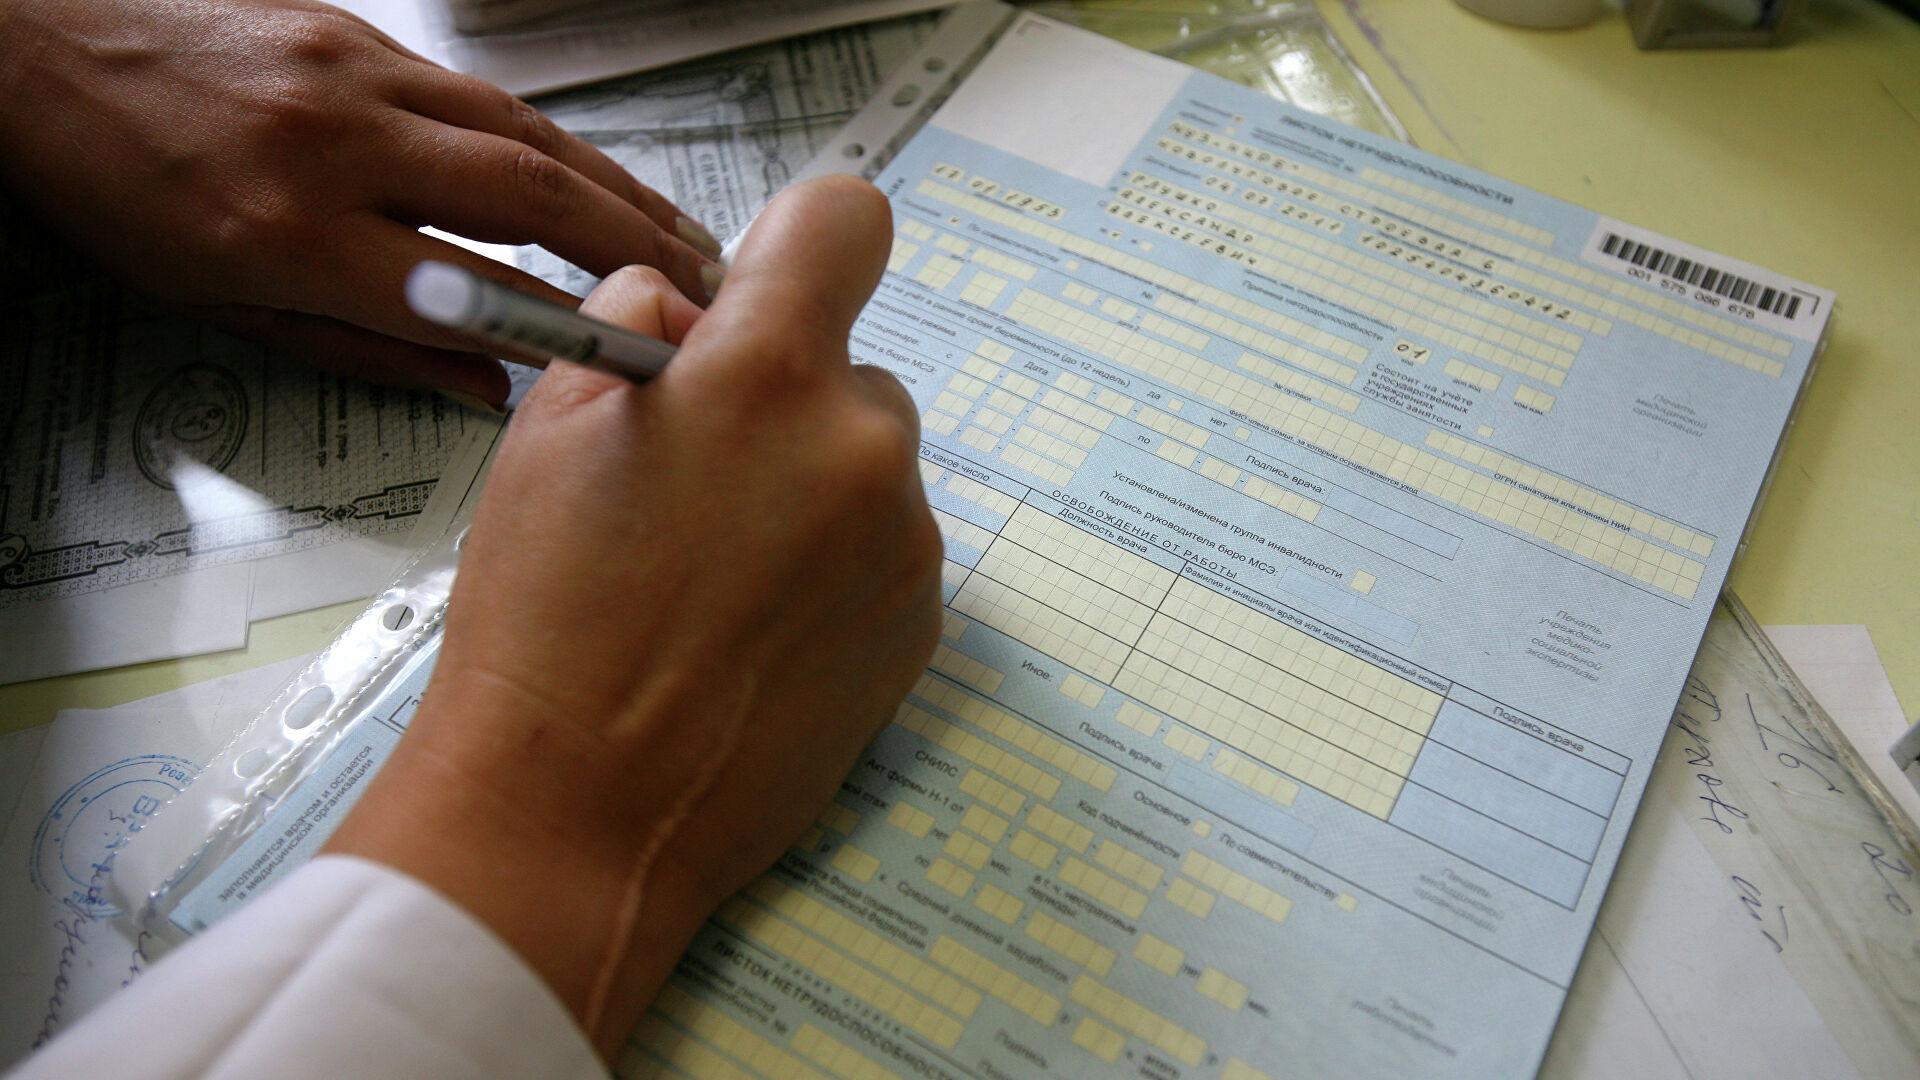 Временный порядок оформления листков нетрудоспособности утратит силу с 1 апреля